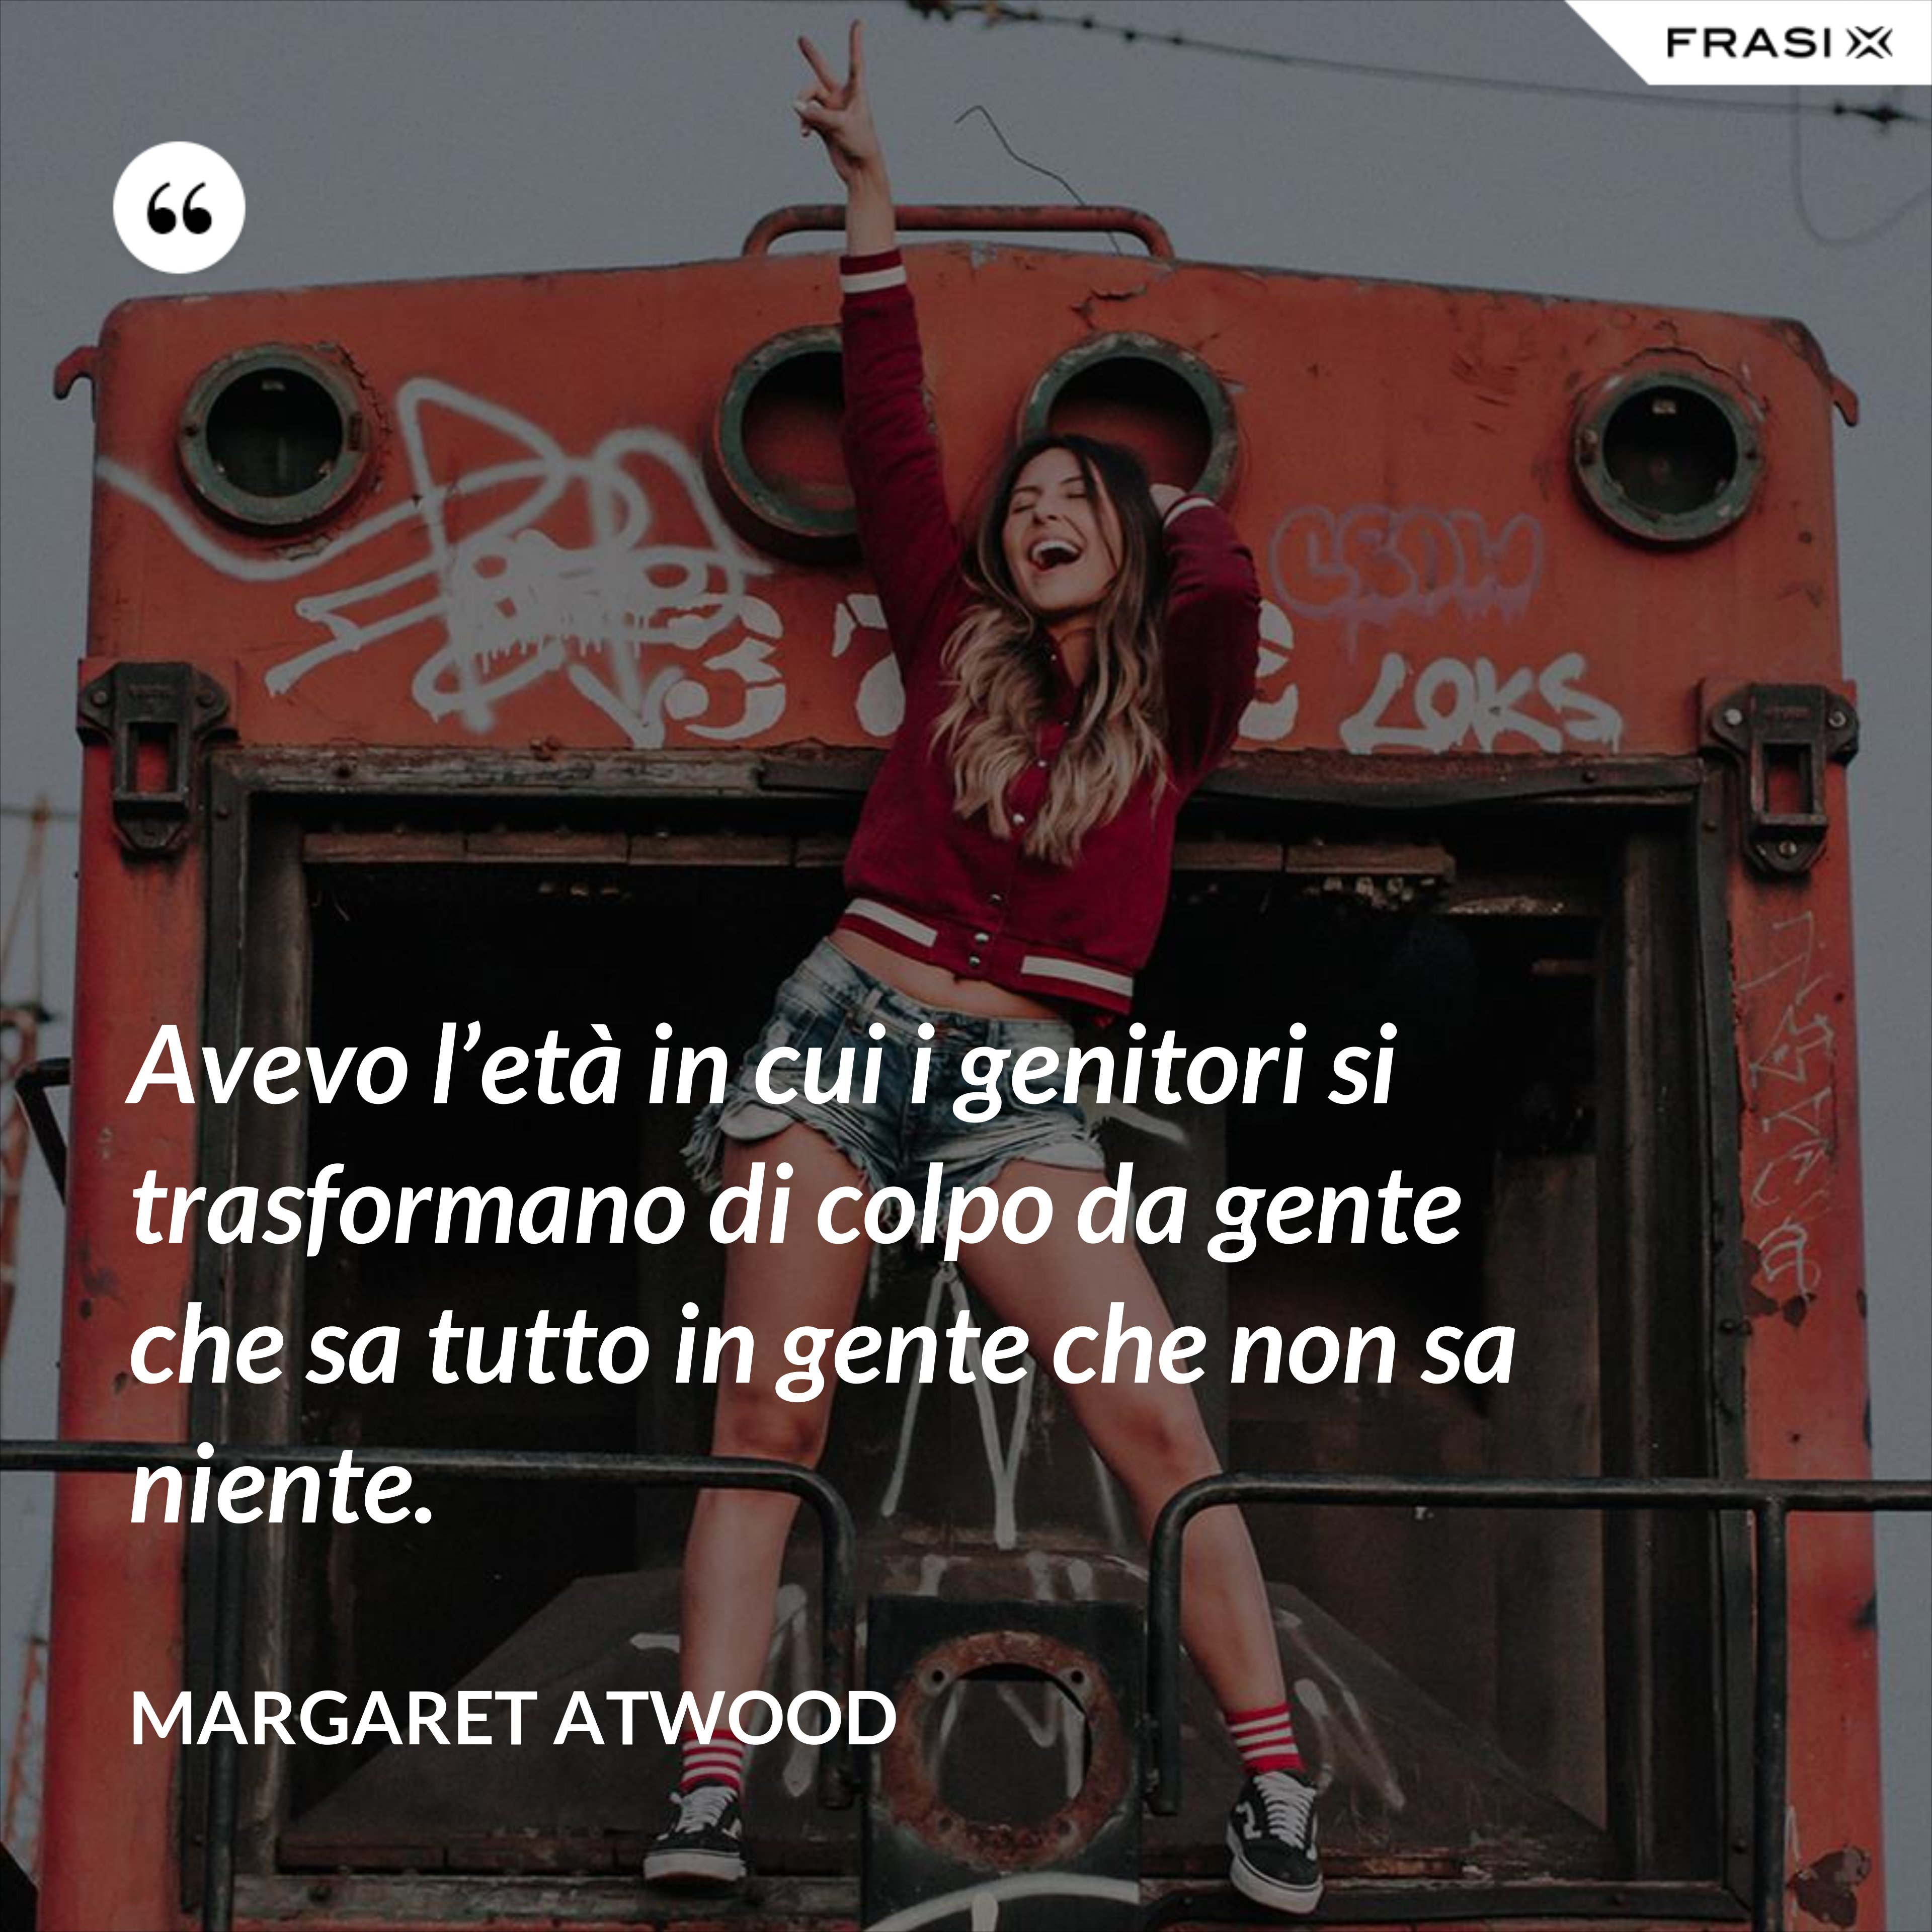 Avevo l'età in cui i genitori si trasformano di colpo da gente che sa tutto in gente che non sa niente. - Margaret Atwood